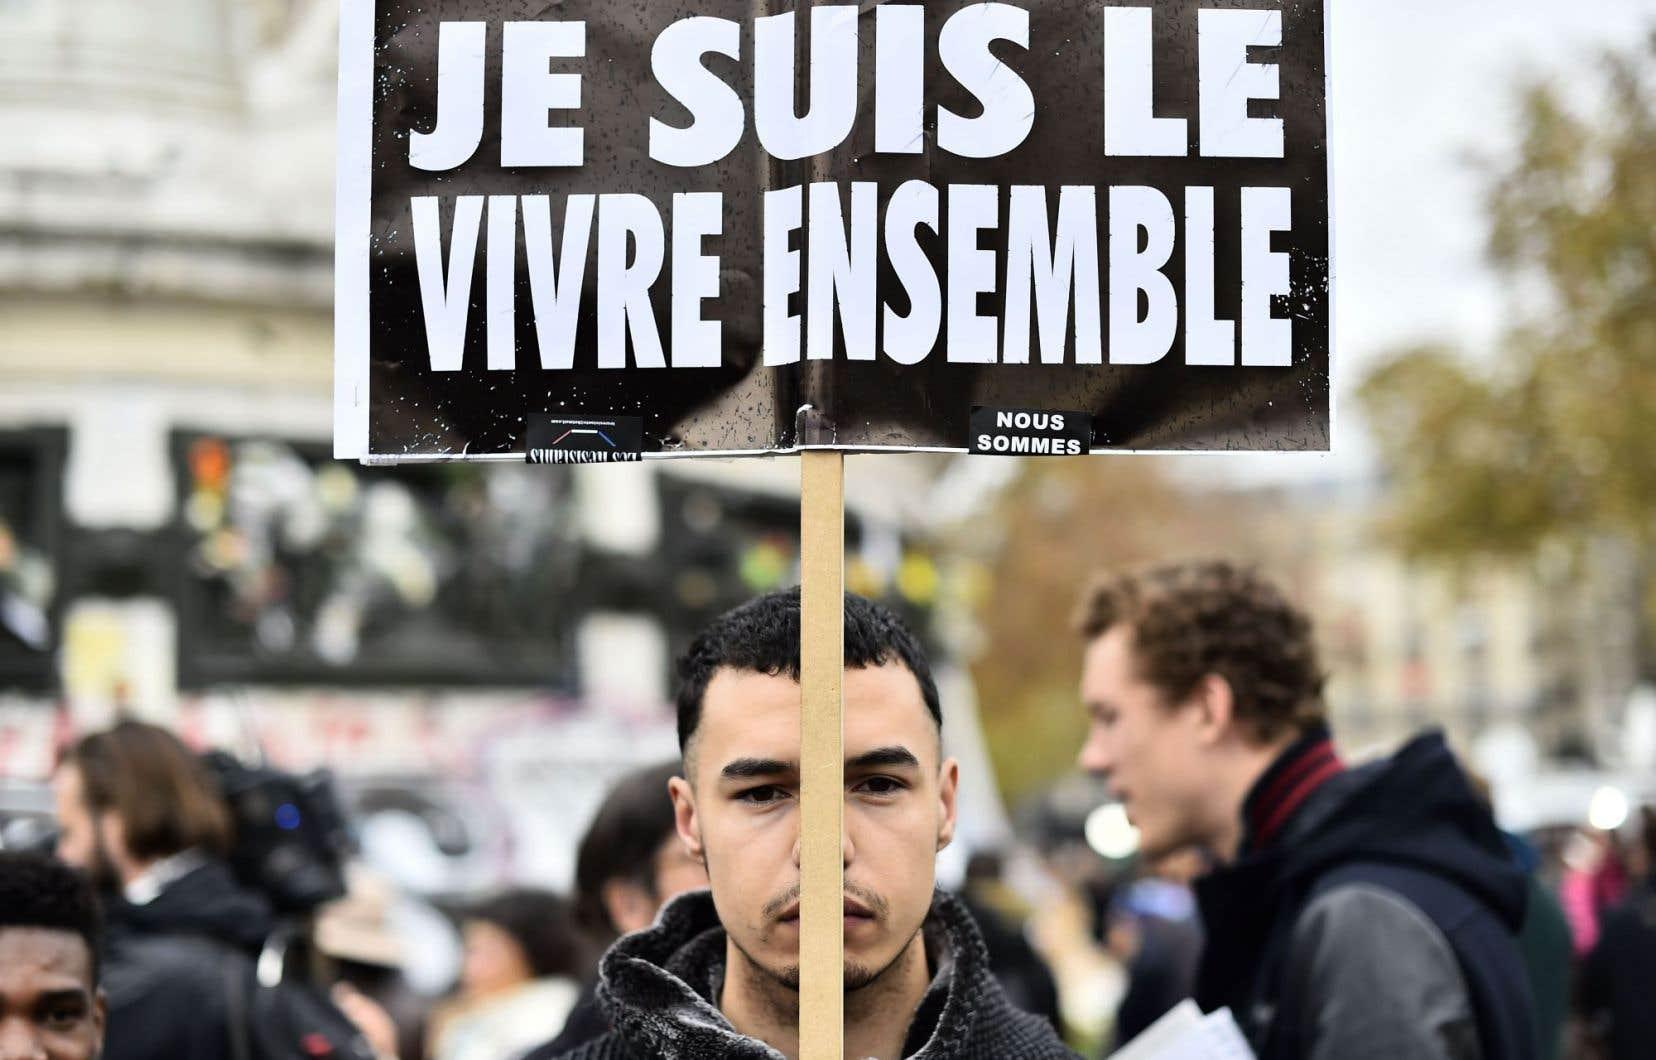 La France et l'Europe se sont tues à l'unisson pendant une minute lundi, à 11 h 00 GMT, en hommage aux victimes des attentats meurtriers de Paris.